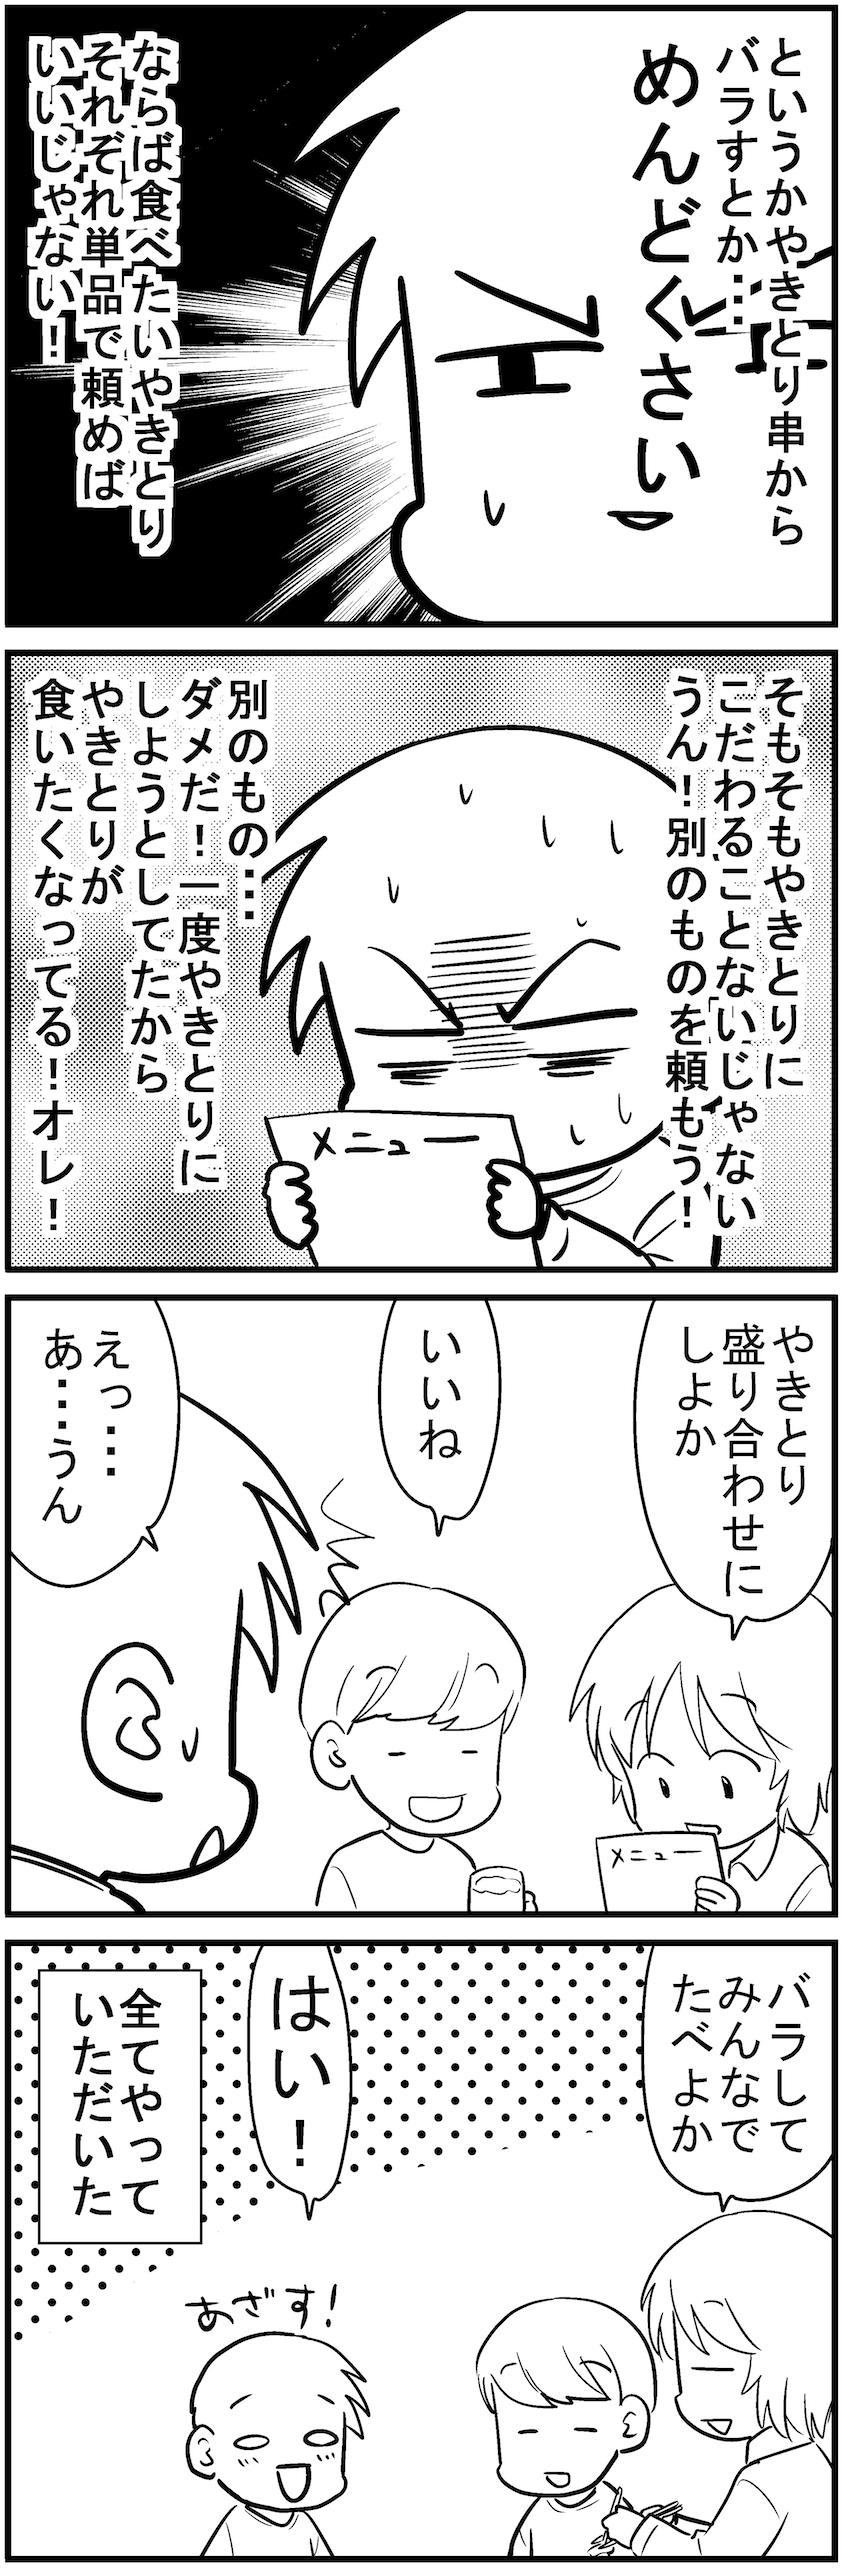 深読みくん134_2